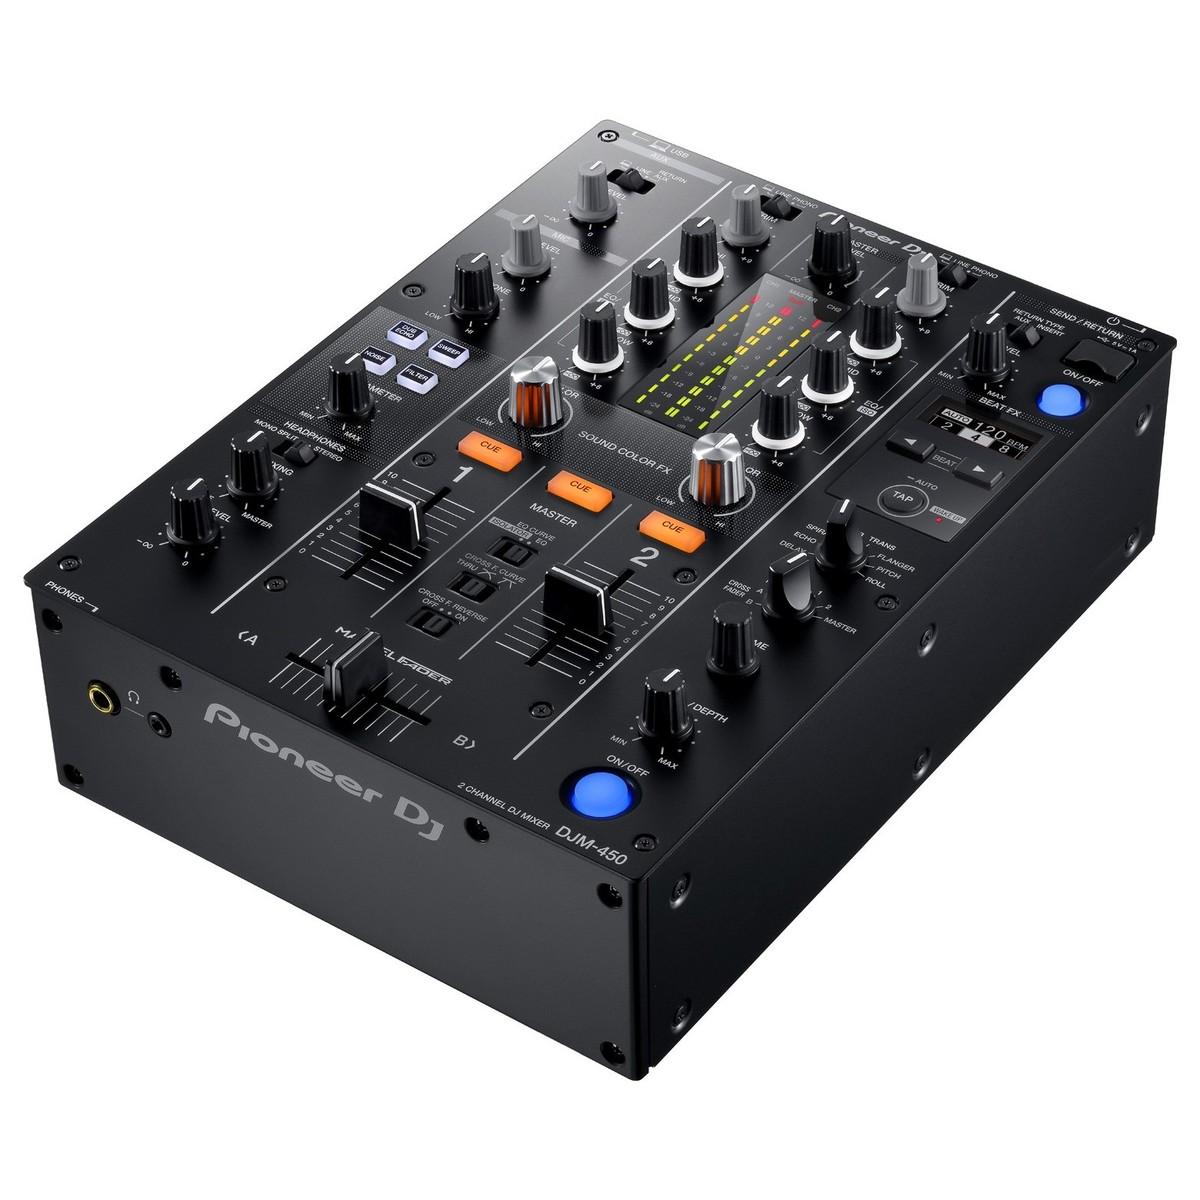 Pioneer table de mixage dj djm 450 - Pioneer table de mixage ...